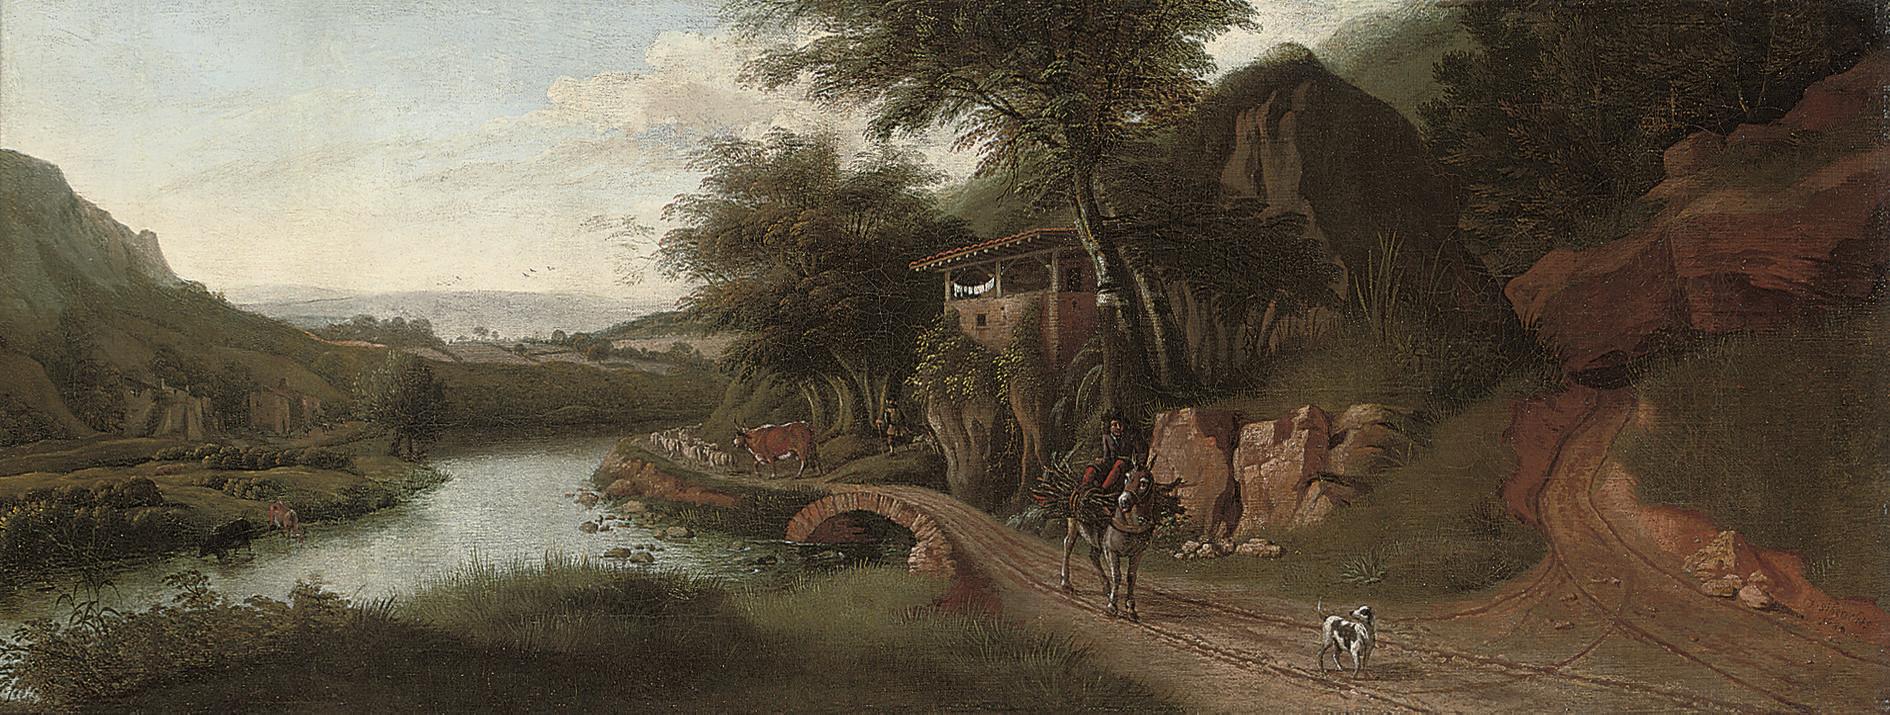 Jan Siberechts (Antwerp 1627-c